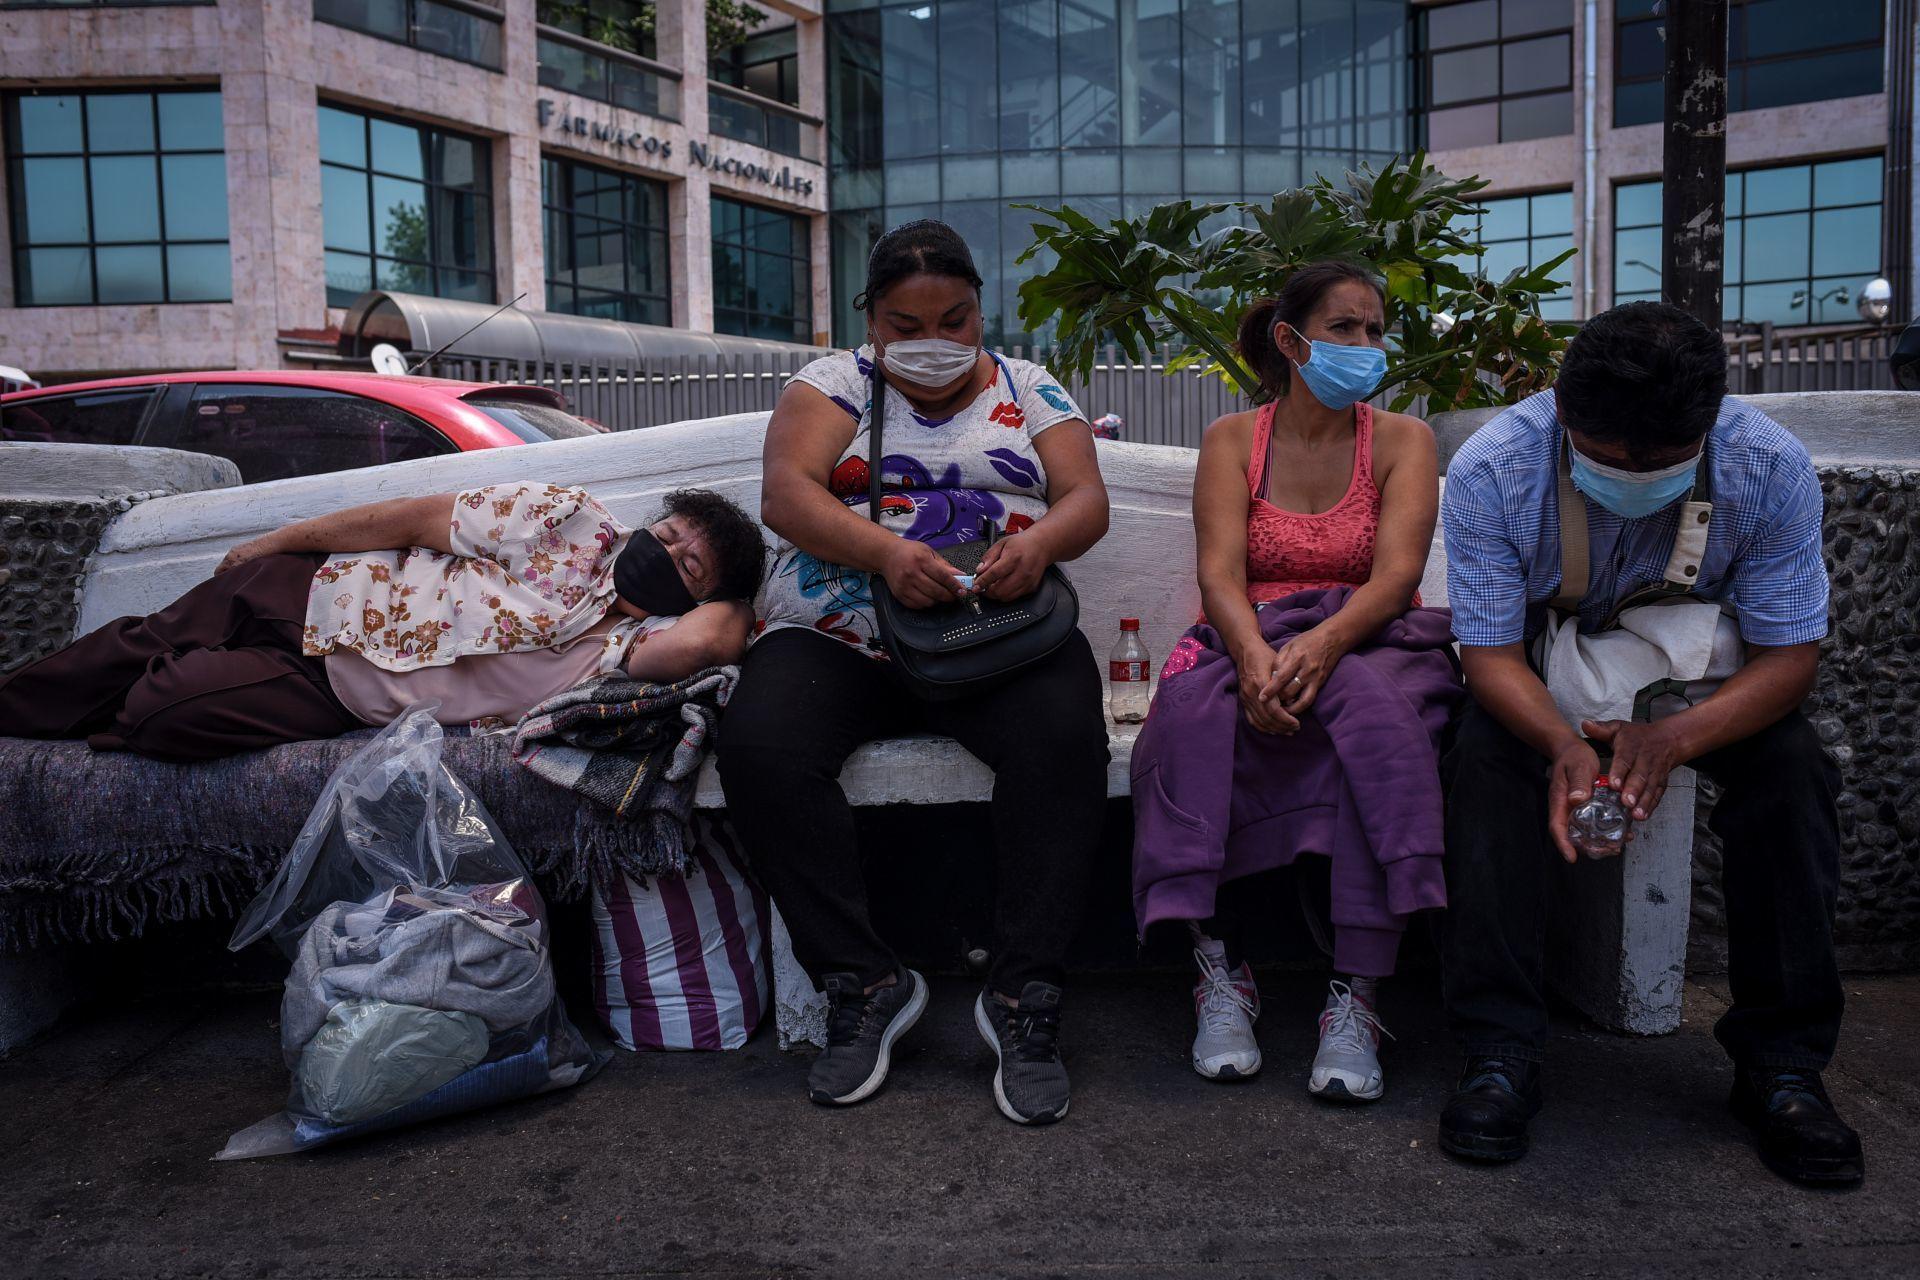 En CDMX, Guadalajara y Monterrey la pandemia de coronavirus podría extenderse hasta octubre